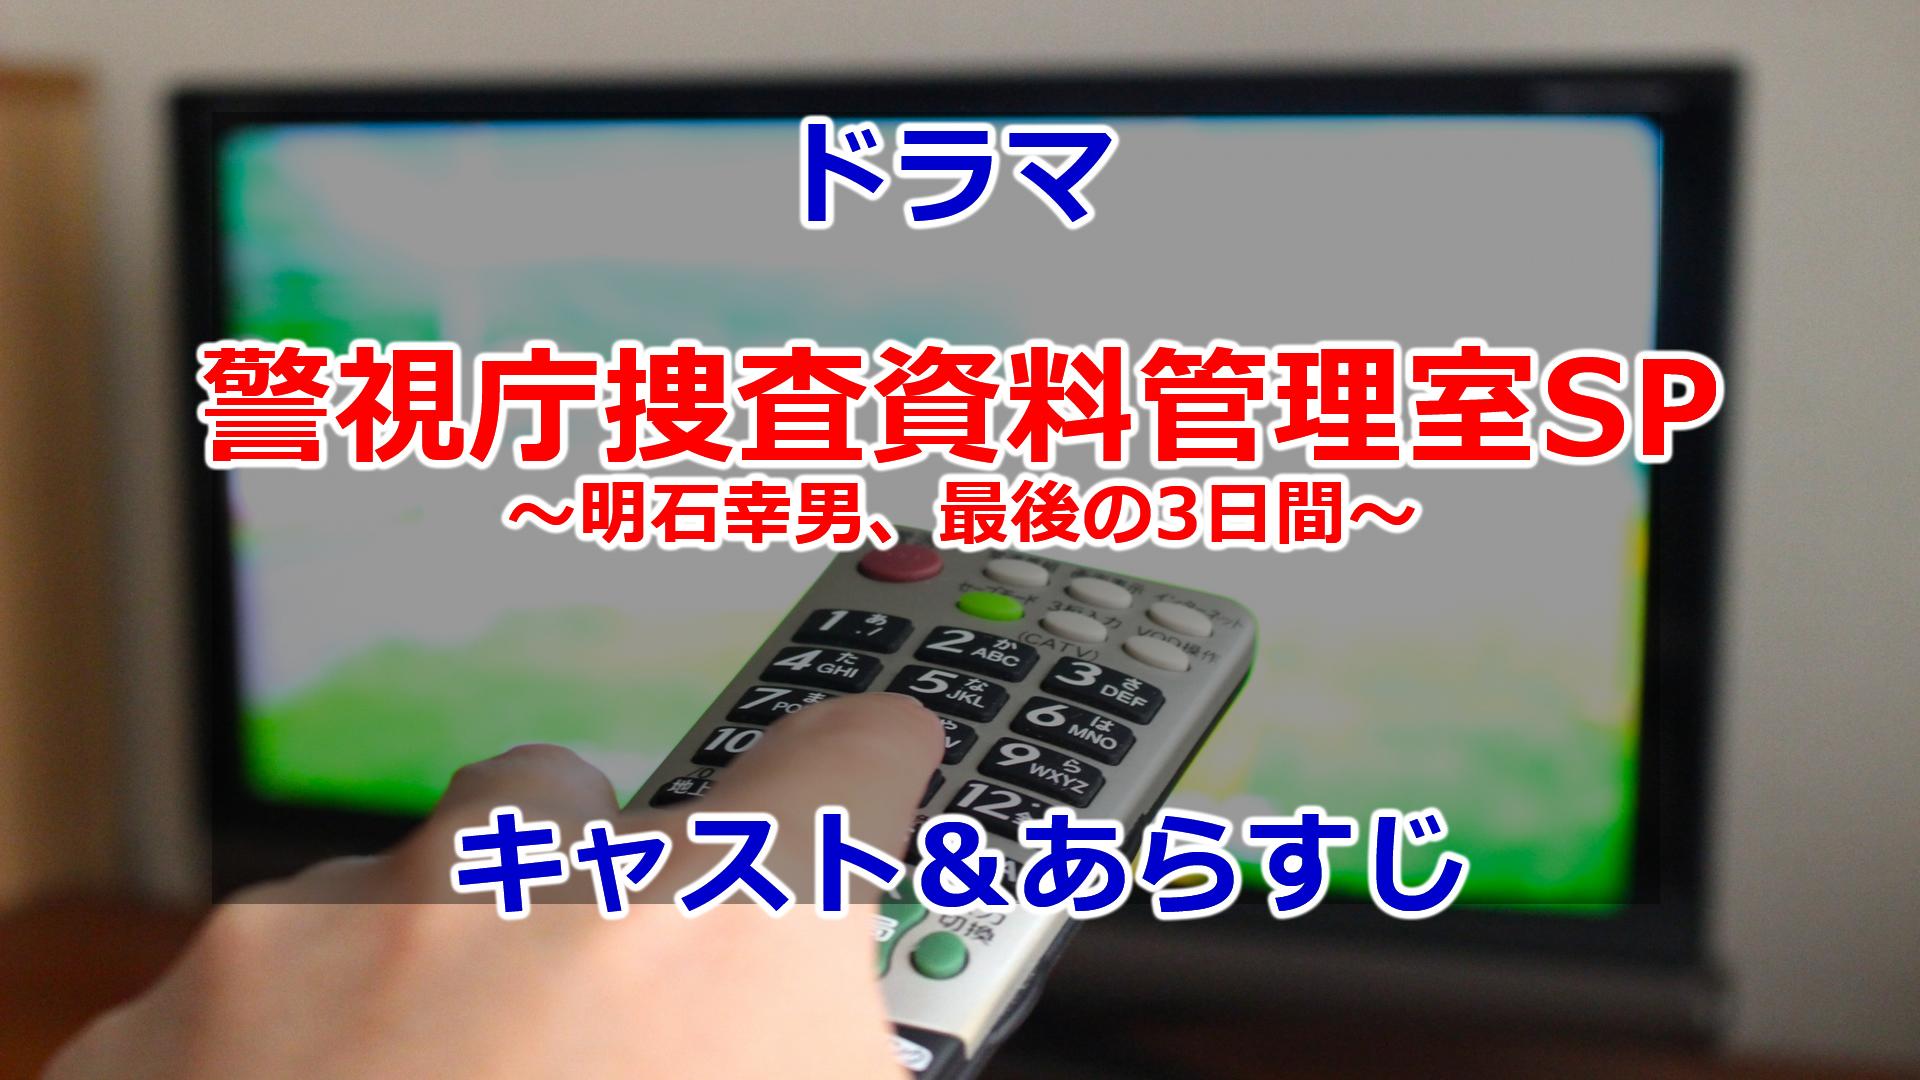 2020春SPドラマ警視庁捜査資料管理室~明石幸男、最後の3日間~キャスト&あらすじ